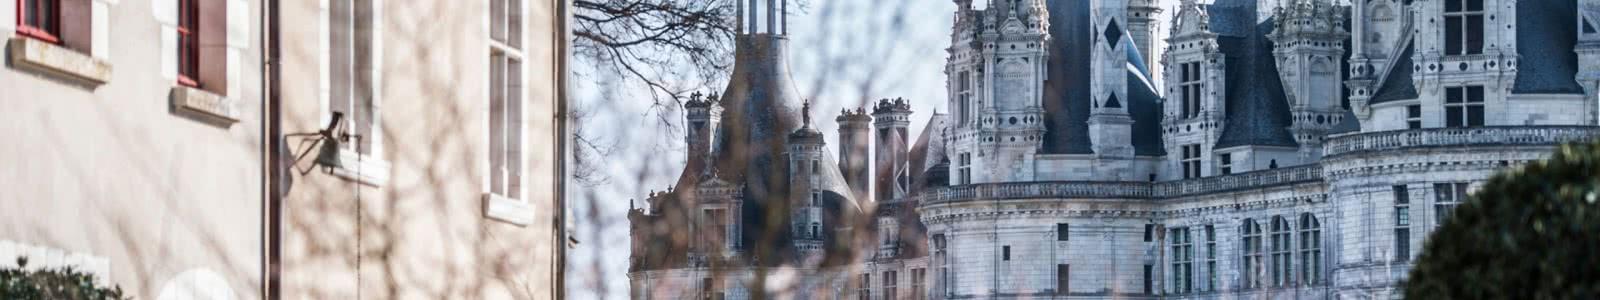 Relais de Chambord hôtel vue château